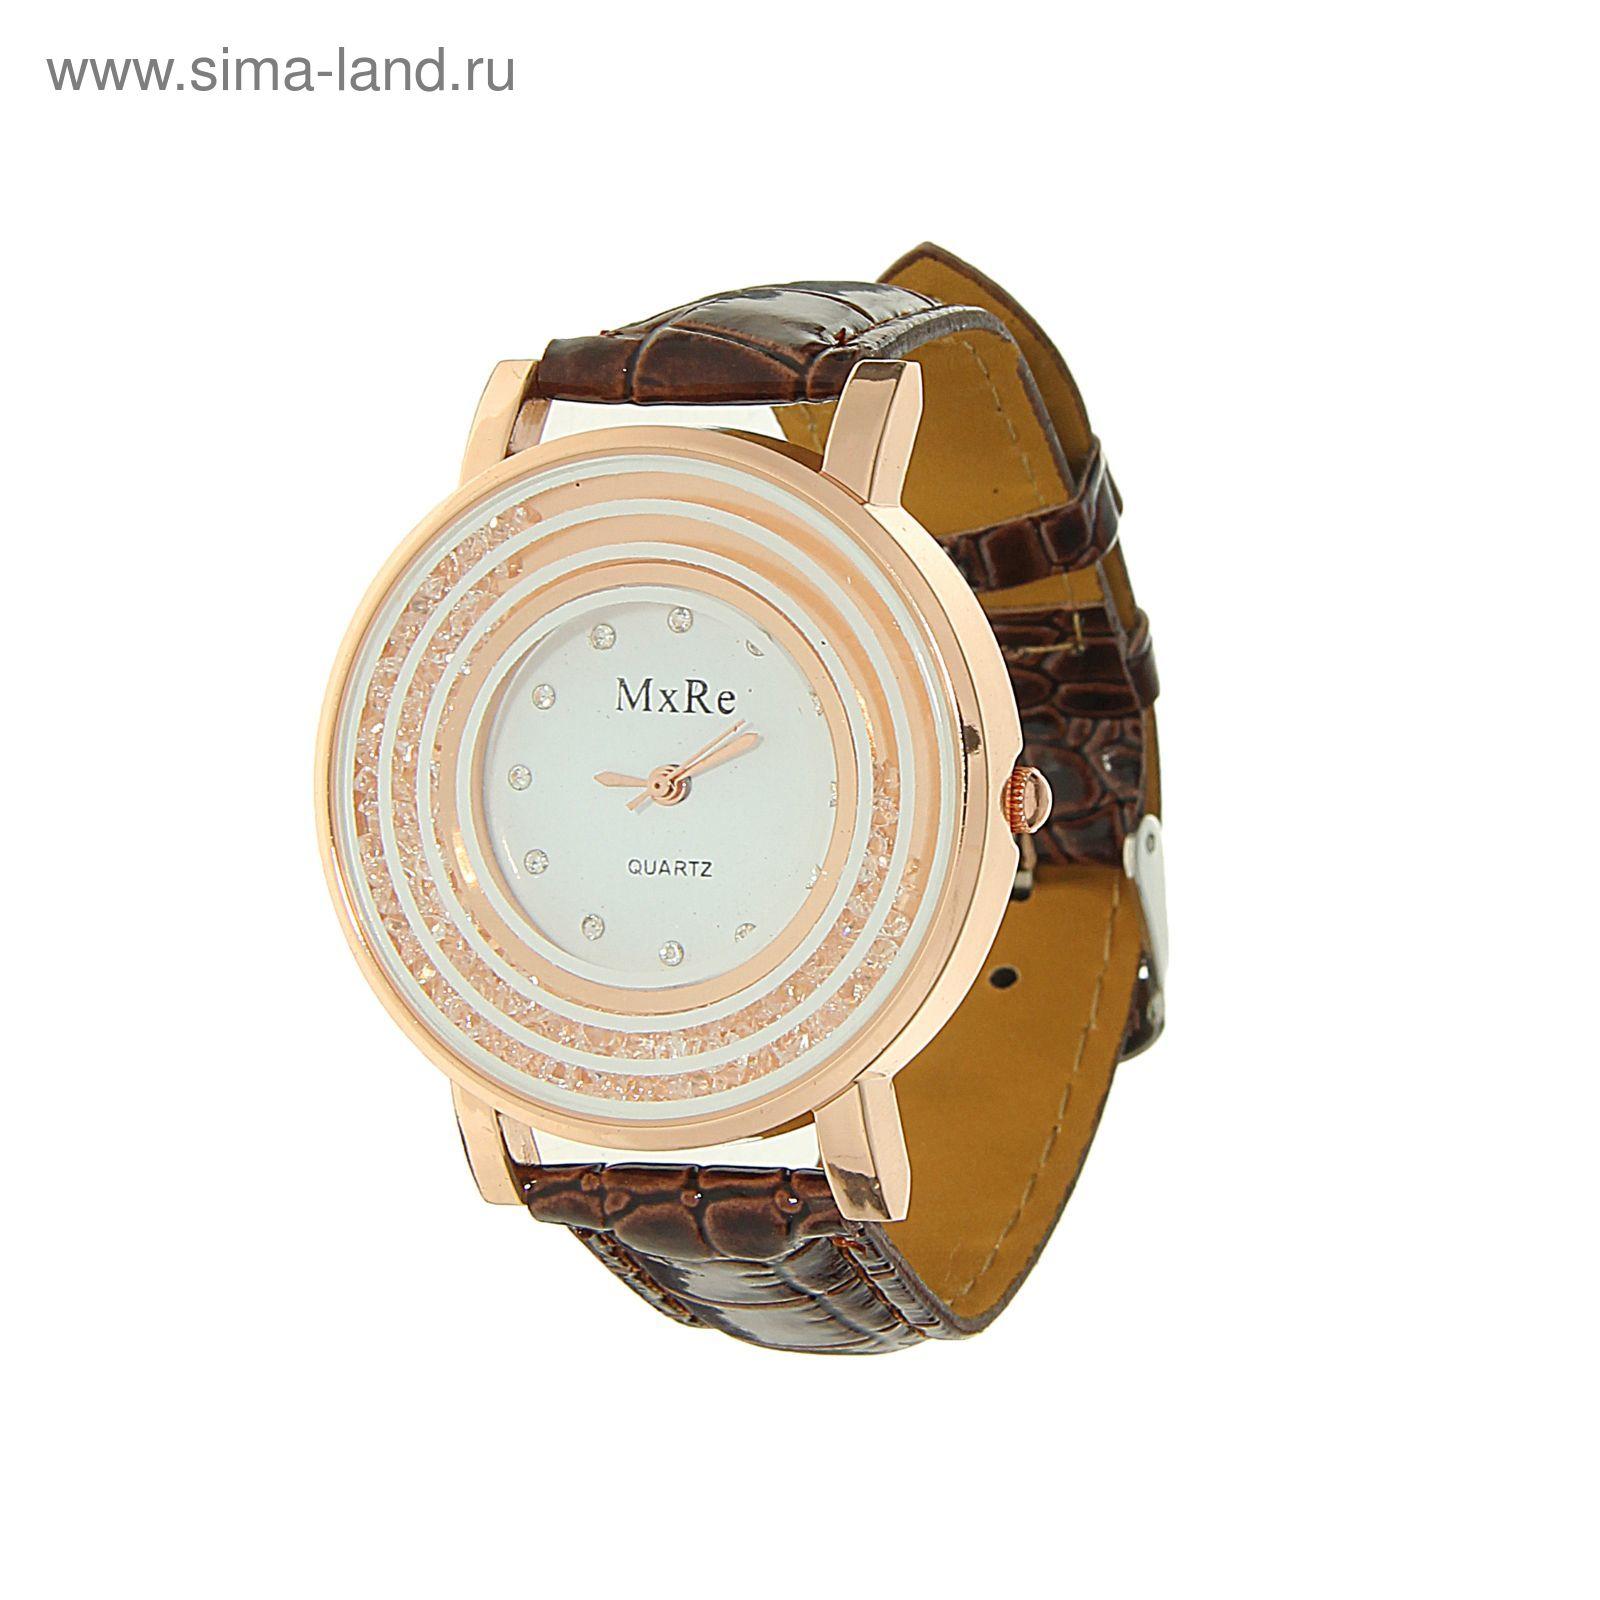 f63e54a7 Часы наручные женские MxRe, кристаллы, стразы, ремешок коричневый ...